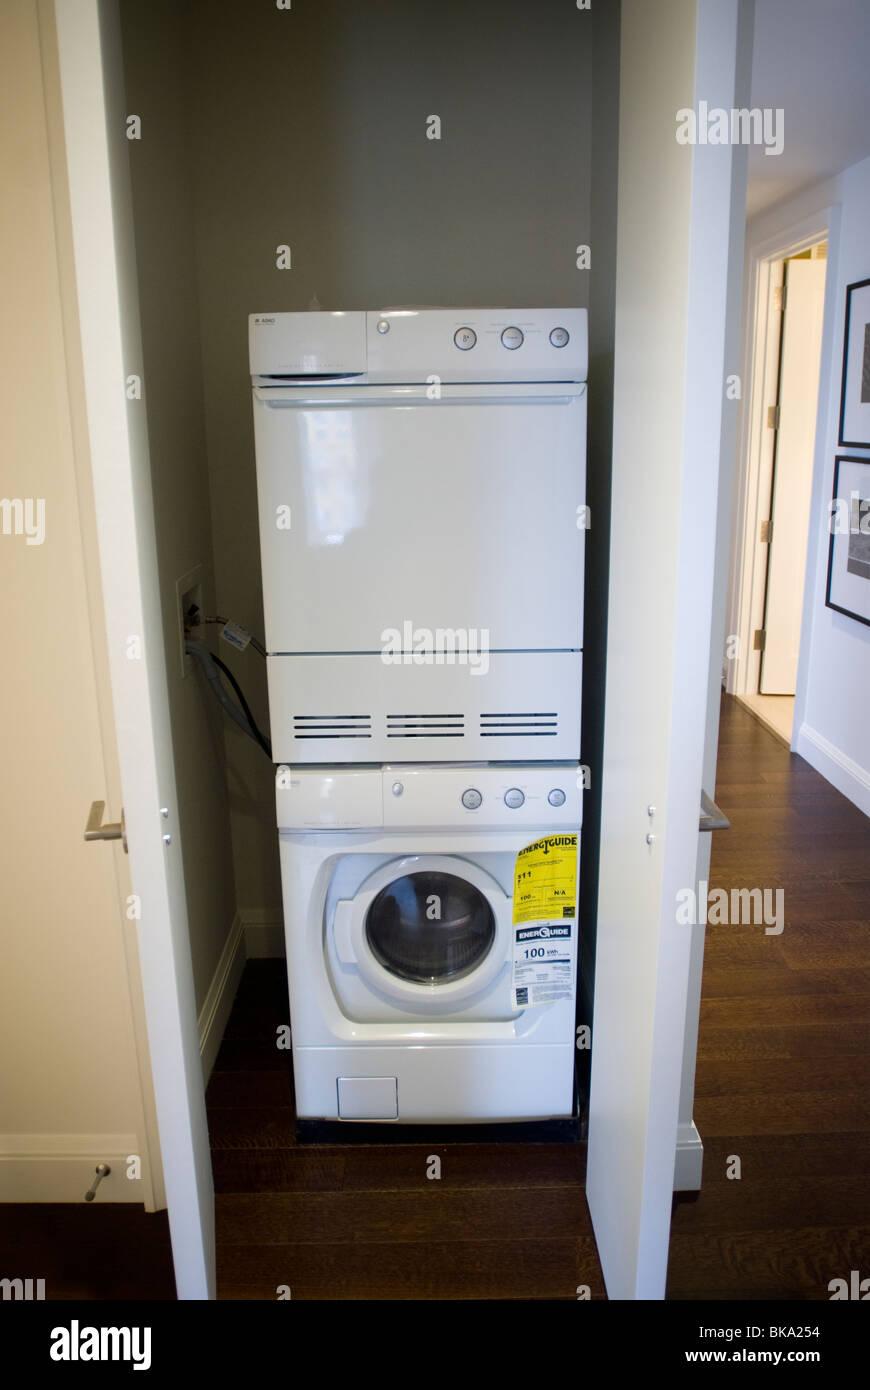 Eine Waschmaschine Und Trockner In Einem Schrank In Einer Wohnung